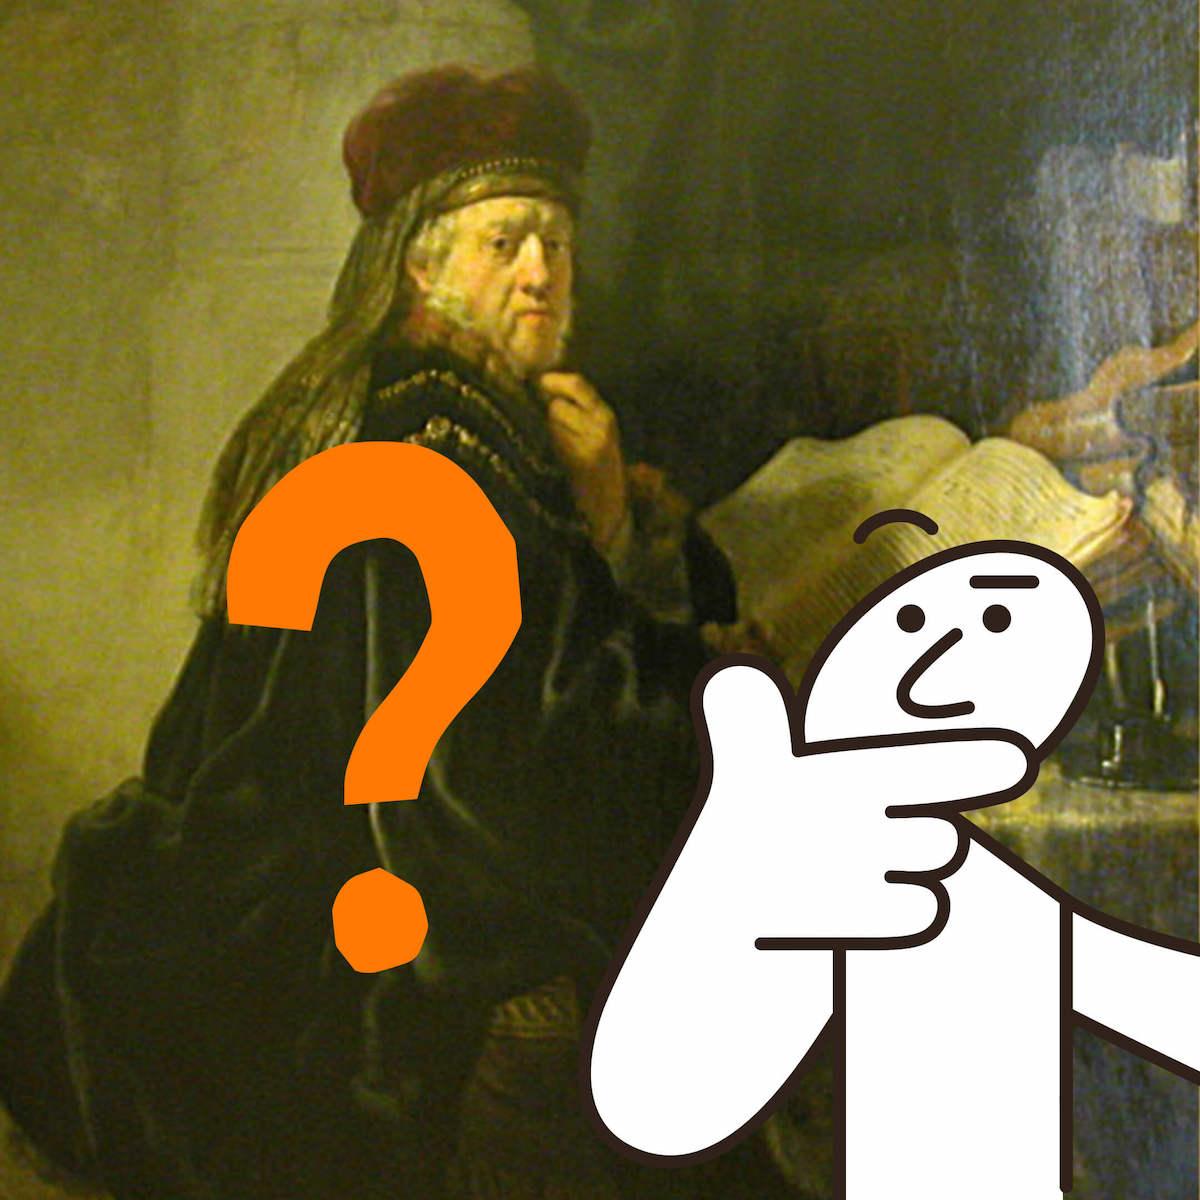 Иллюстрация Bookmate Journal. Нафоне — картина Рембрандта «Ученый, сидящий застолом скнигами» (1634)